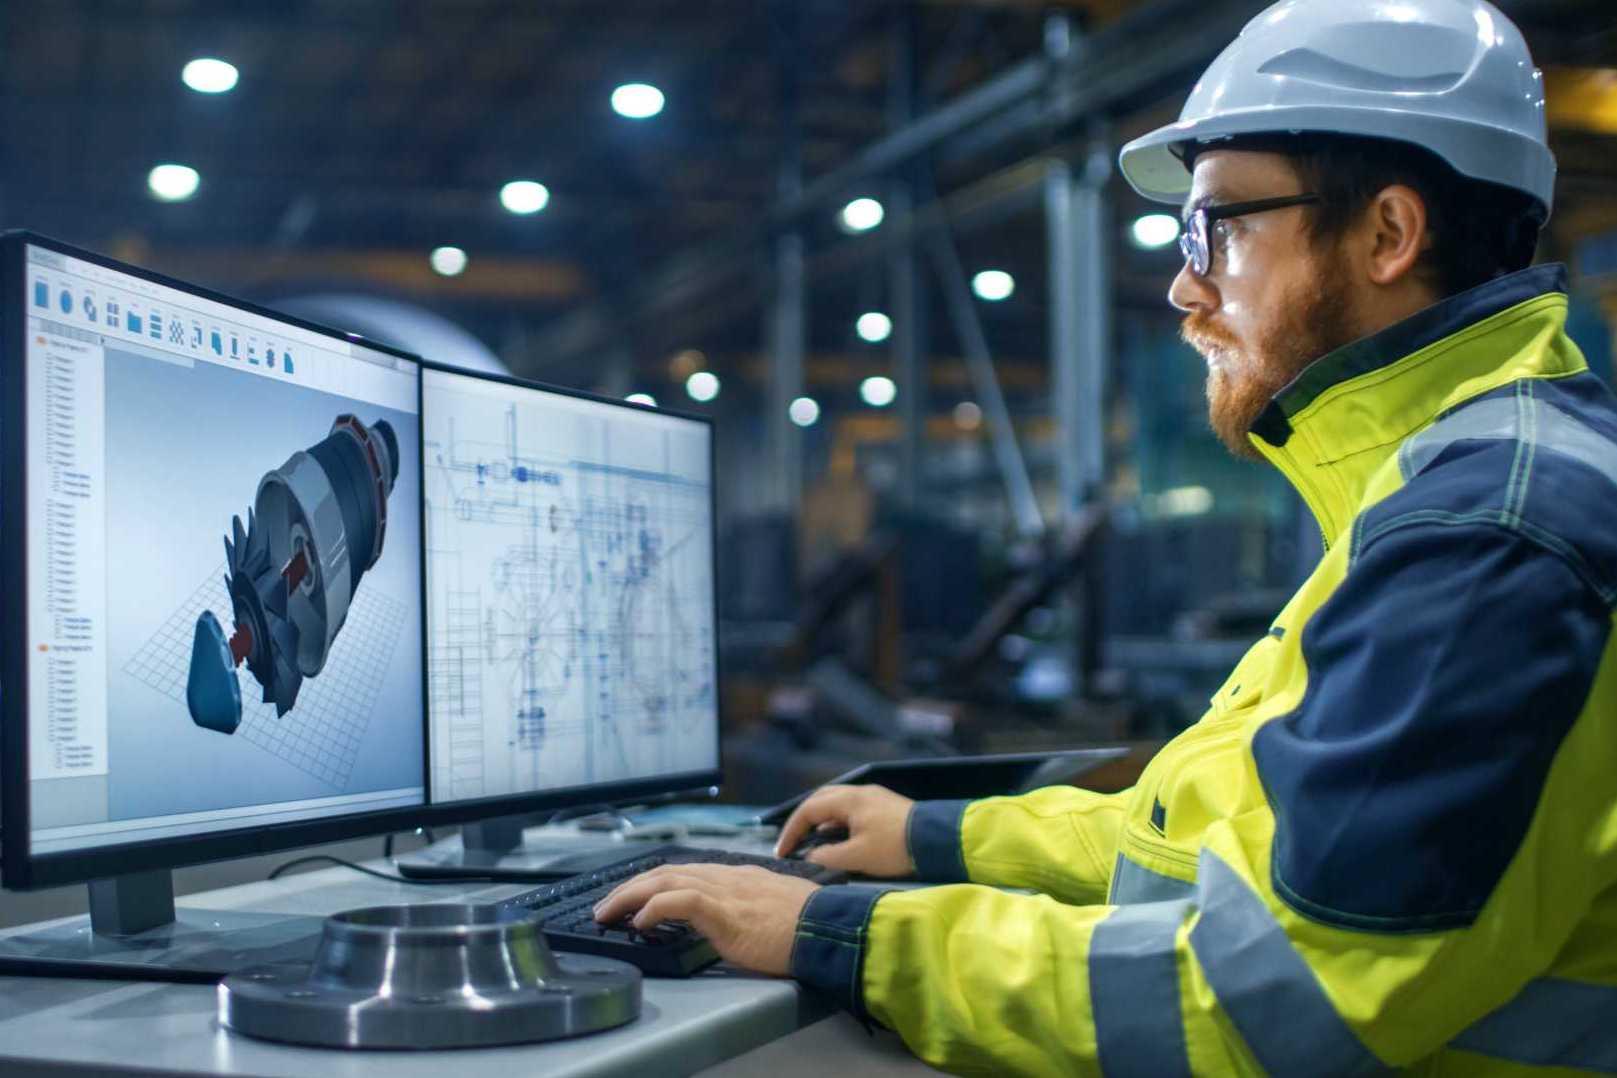 Трансформация промышленной безопасности и охрана труда на производстве